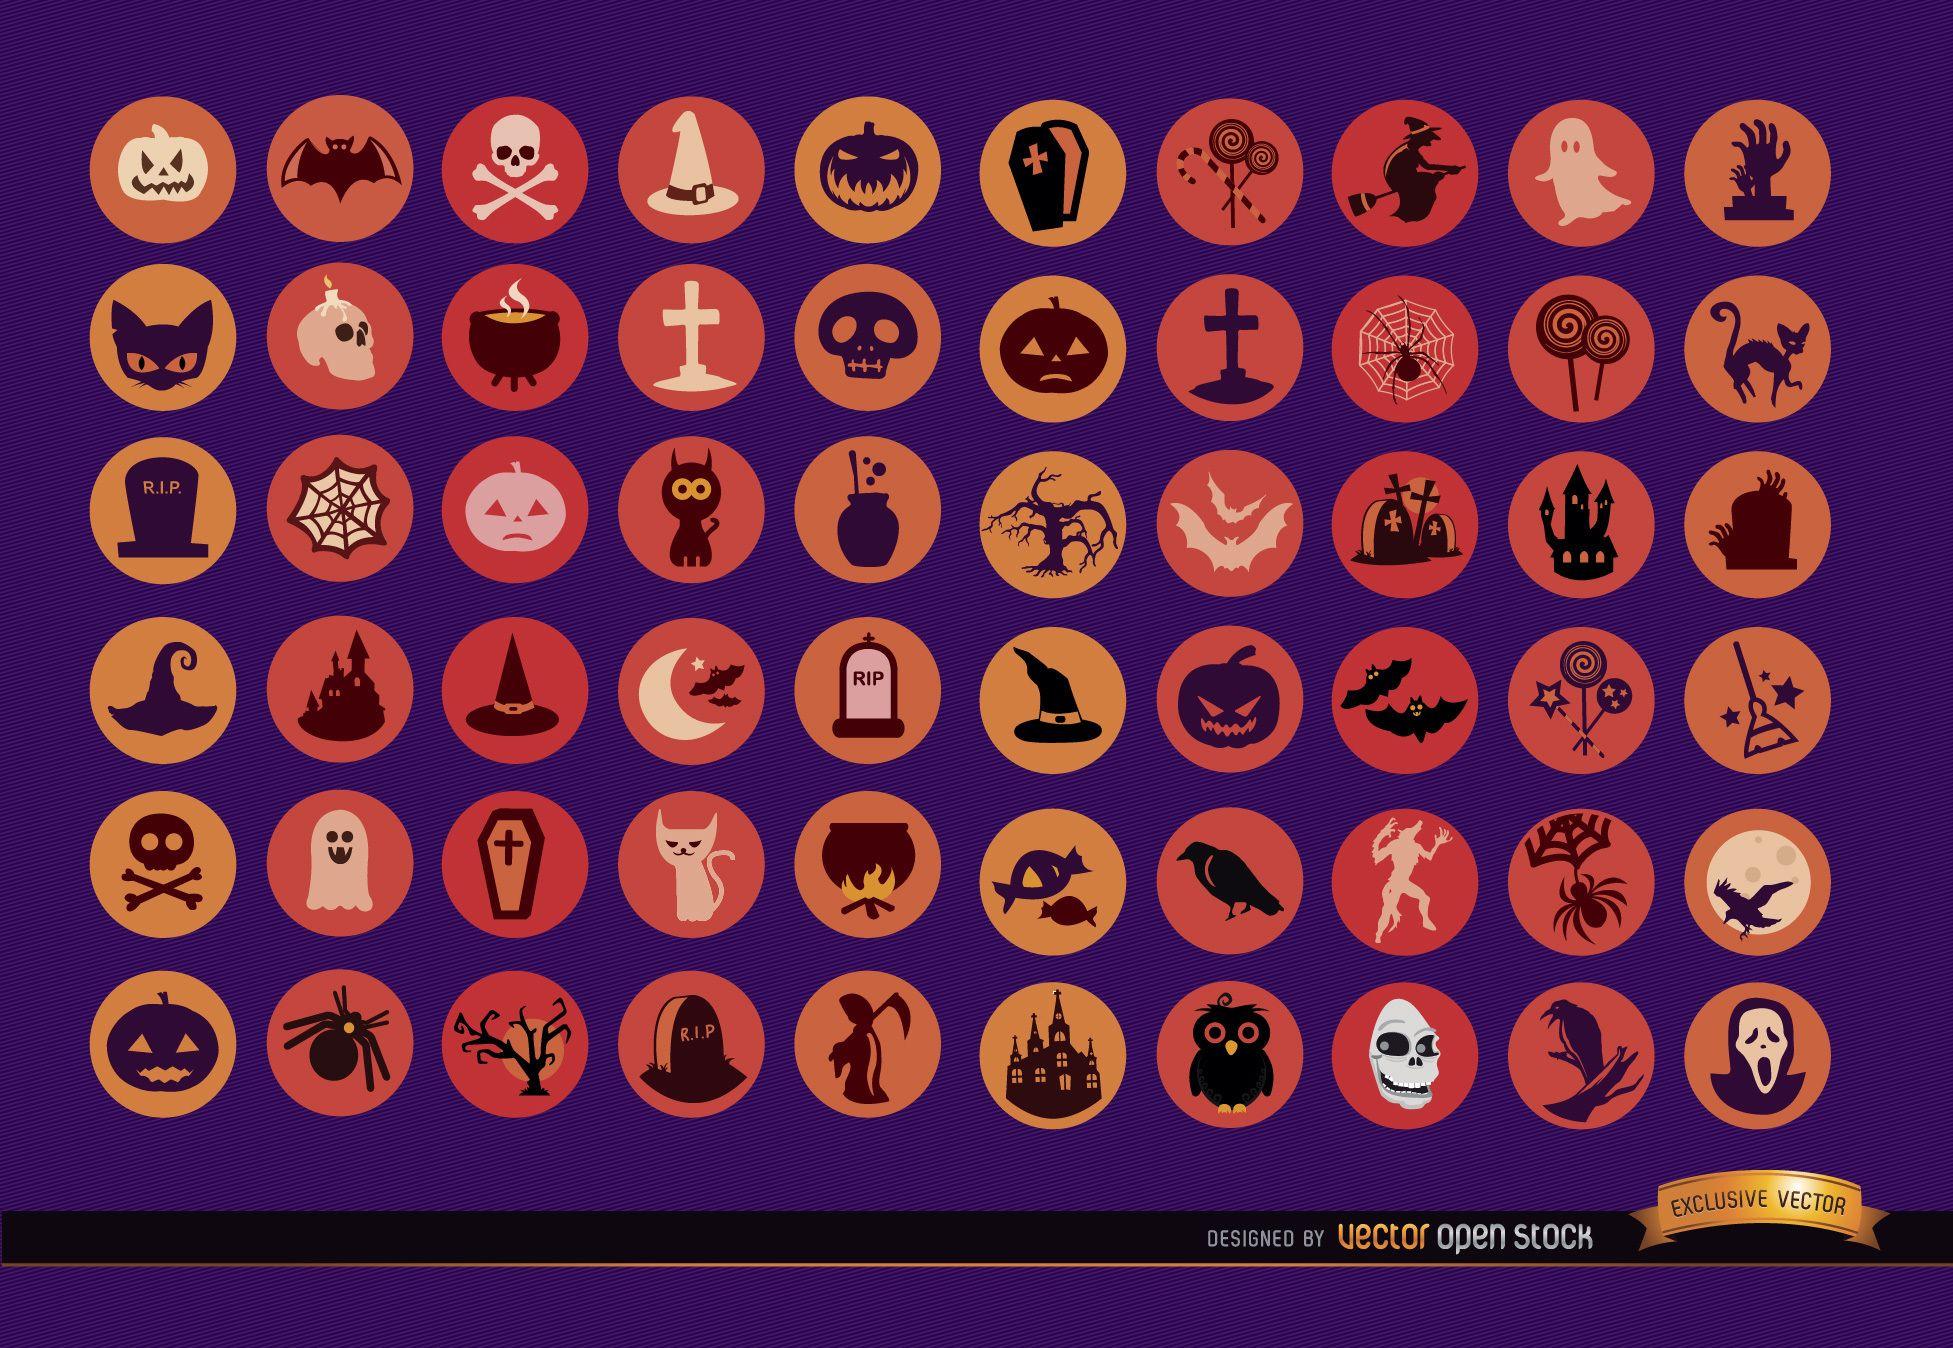 60 Halloween Icons